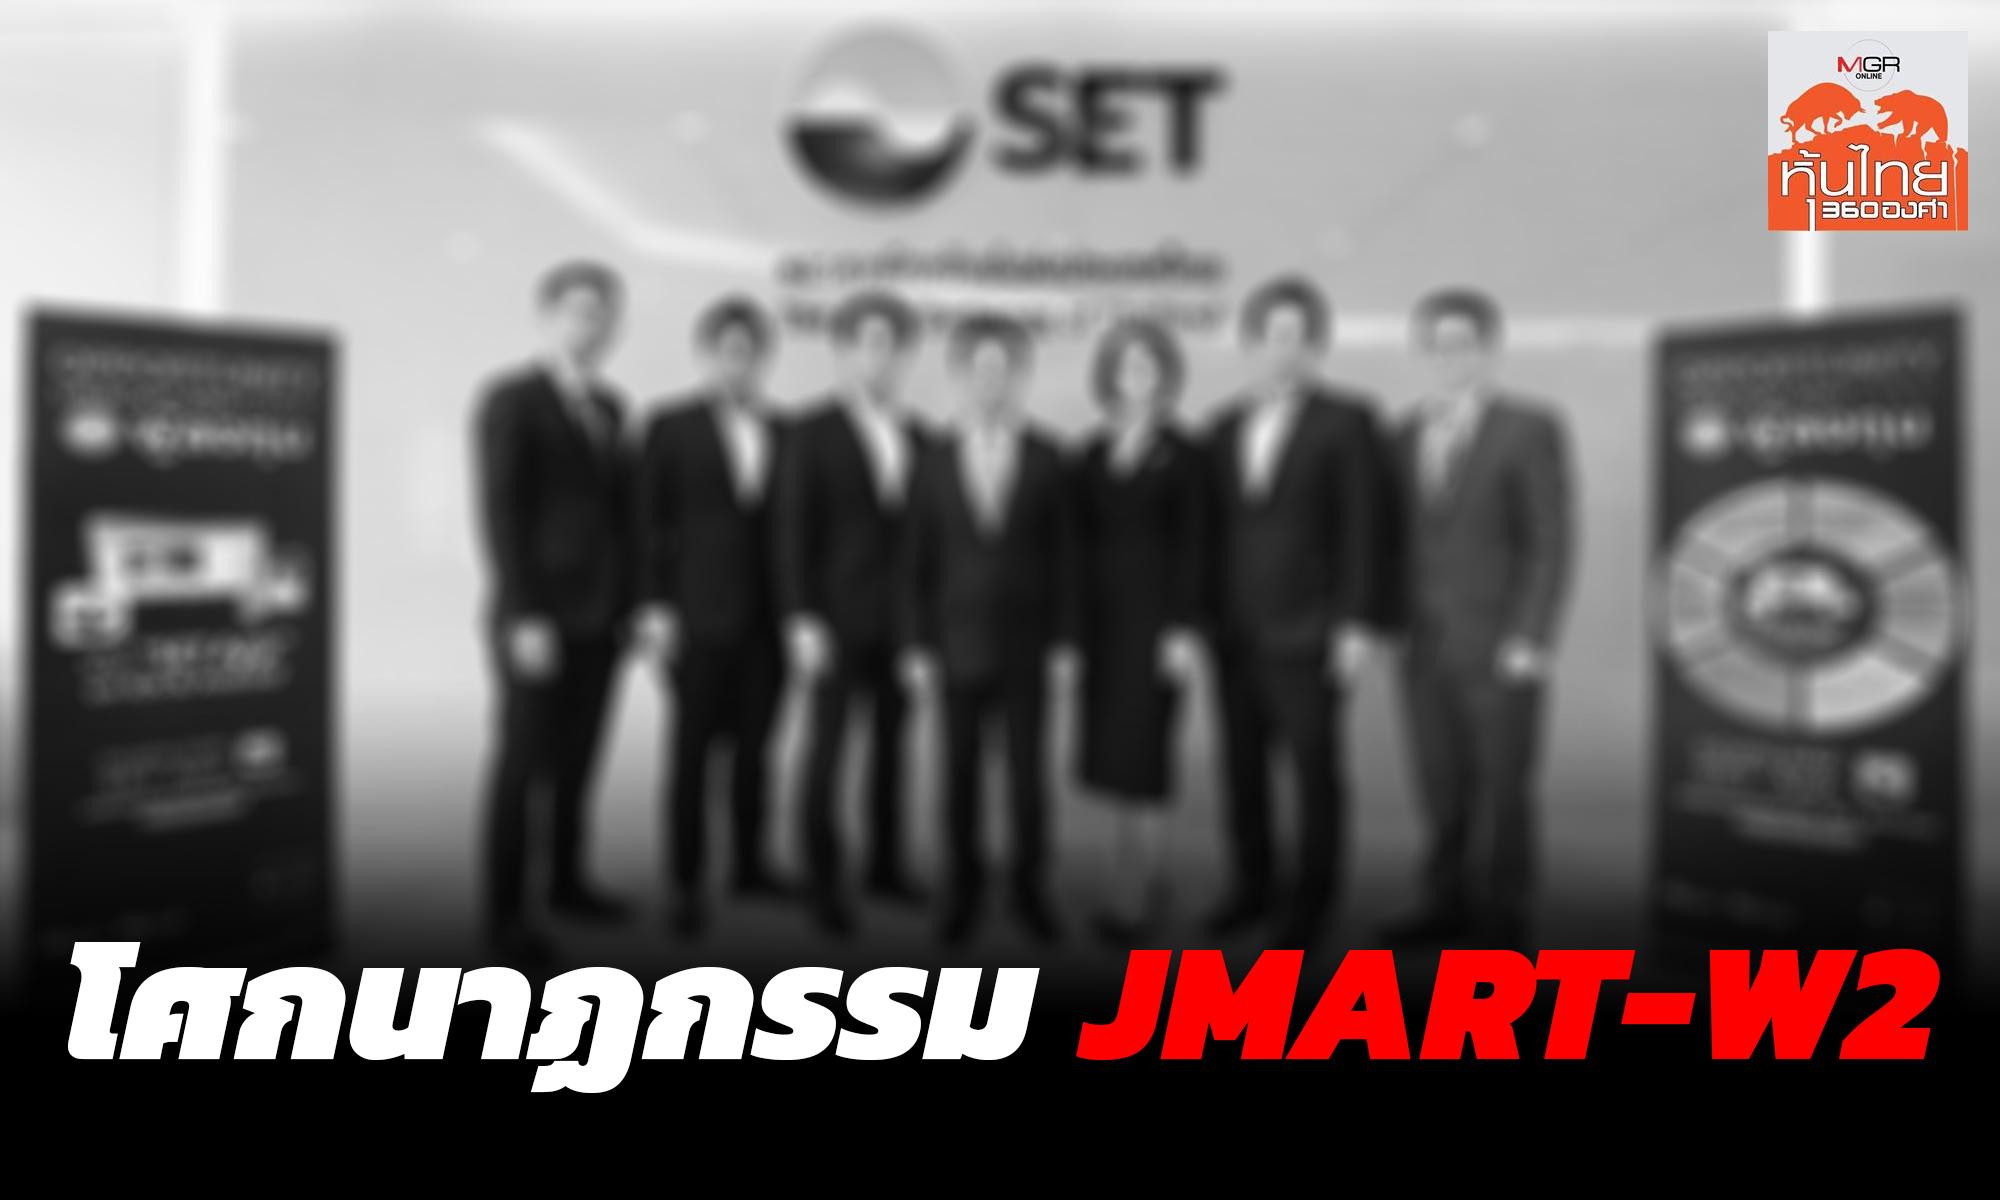 โศกนาฏกรรม JMART-W2 / สุนันท์ ศรีจันทรา